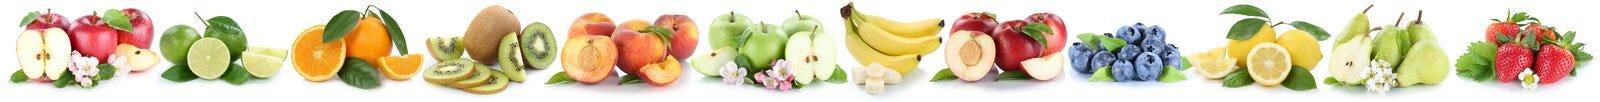 结果实香蕉连续结果实isolat的苹果橙色苹果桔子 库存图片